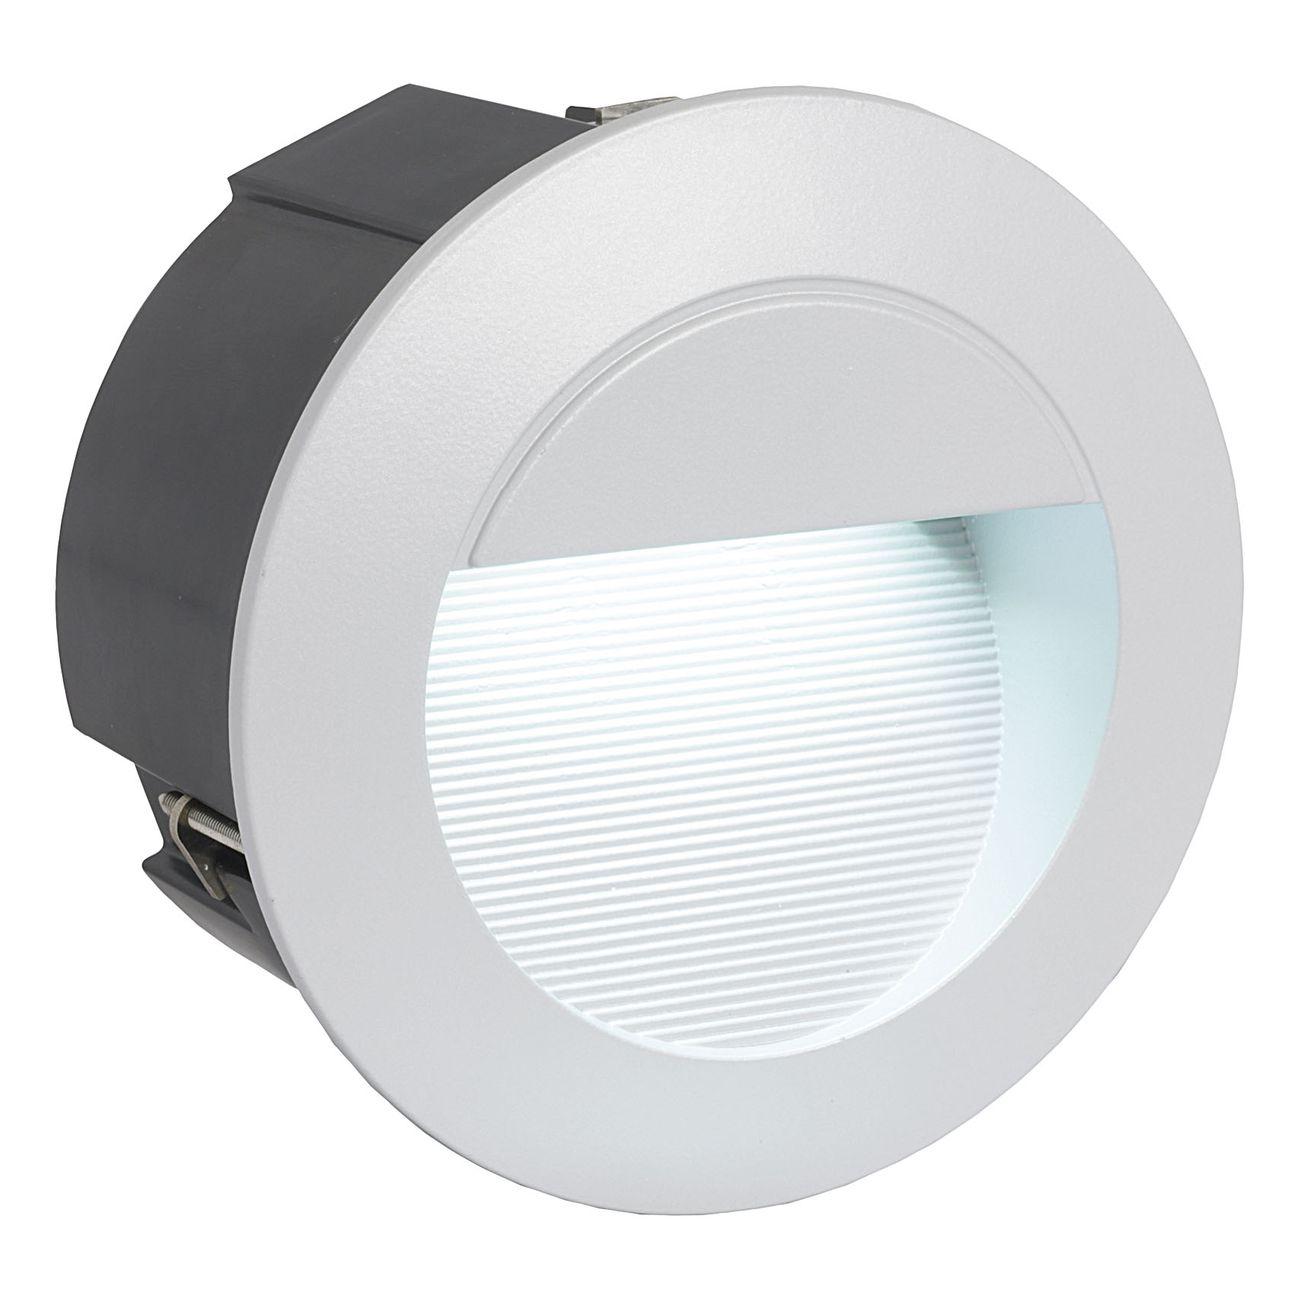 Eglo 95233 ZIMBA-LED zápustné exteriérové svítidlo do stěny 2,5W=320lm IP65